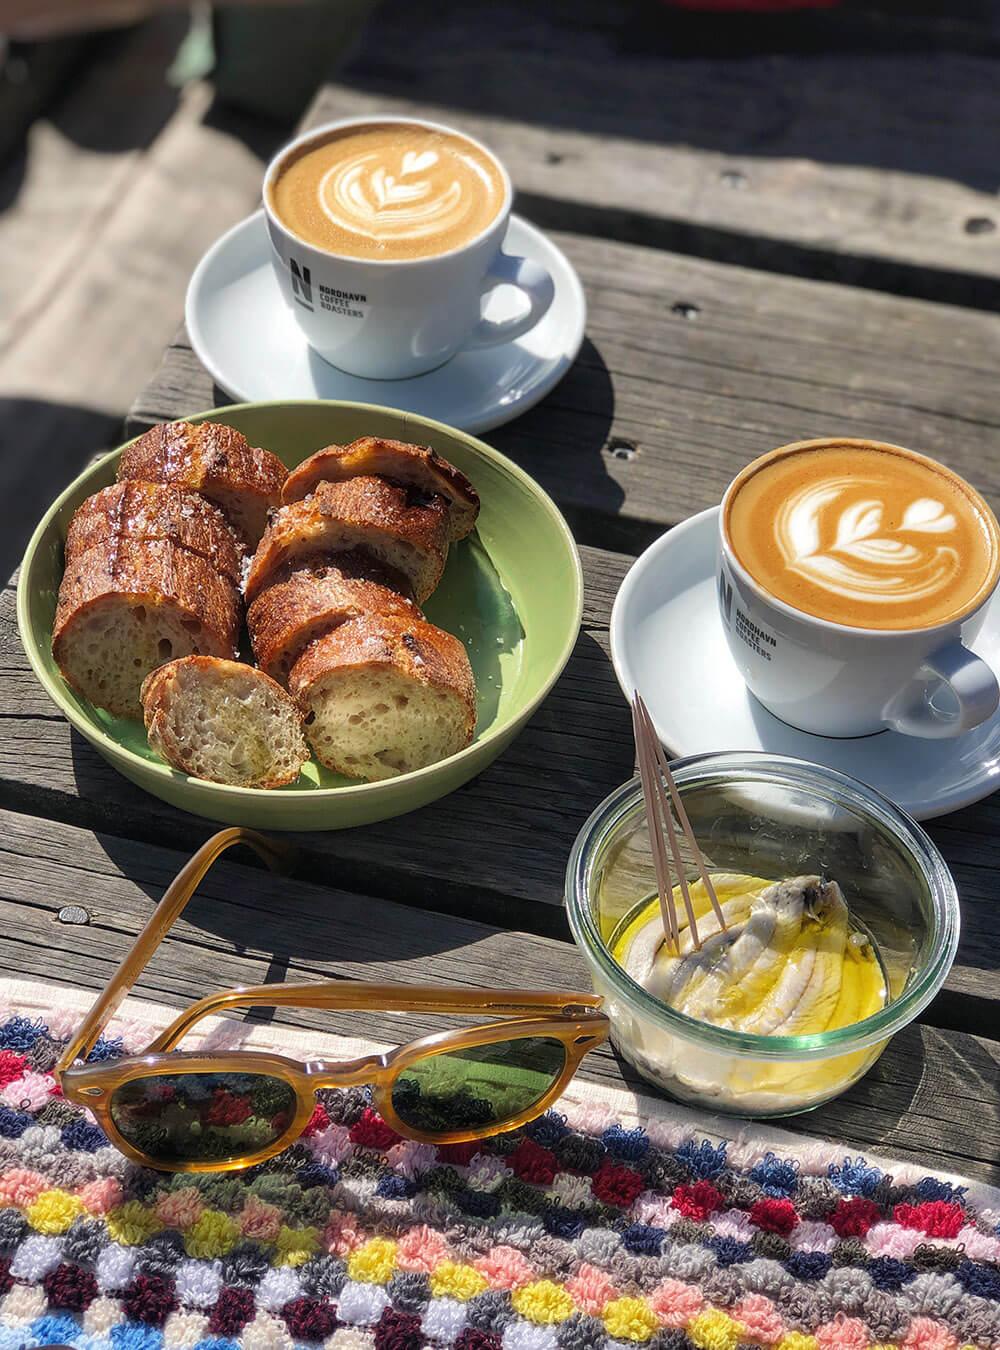 Citytrip - Food Guide Kopenhagen mit coolen dänischen Food Konzepten